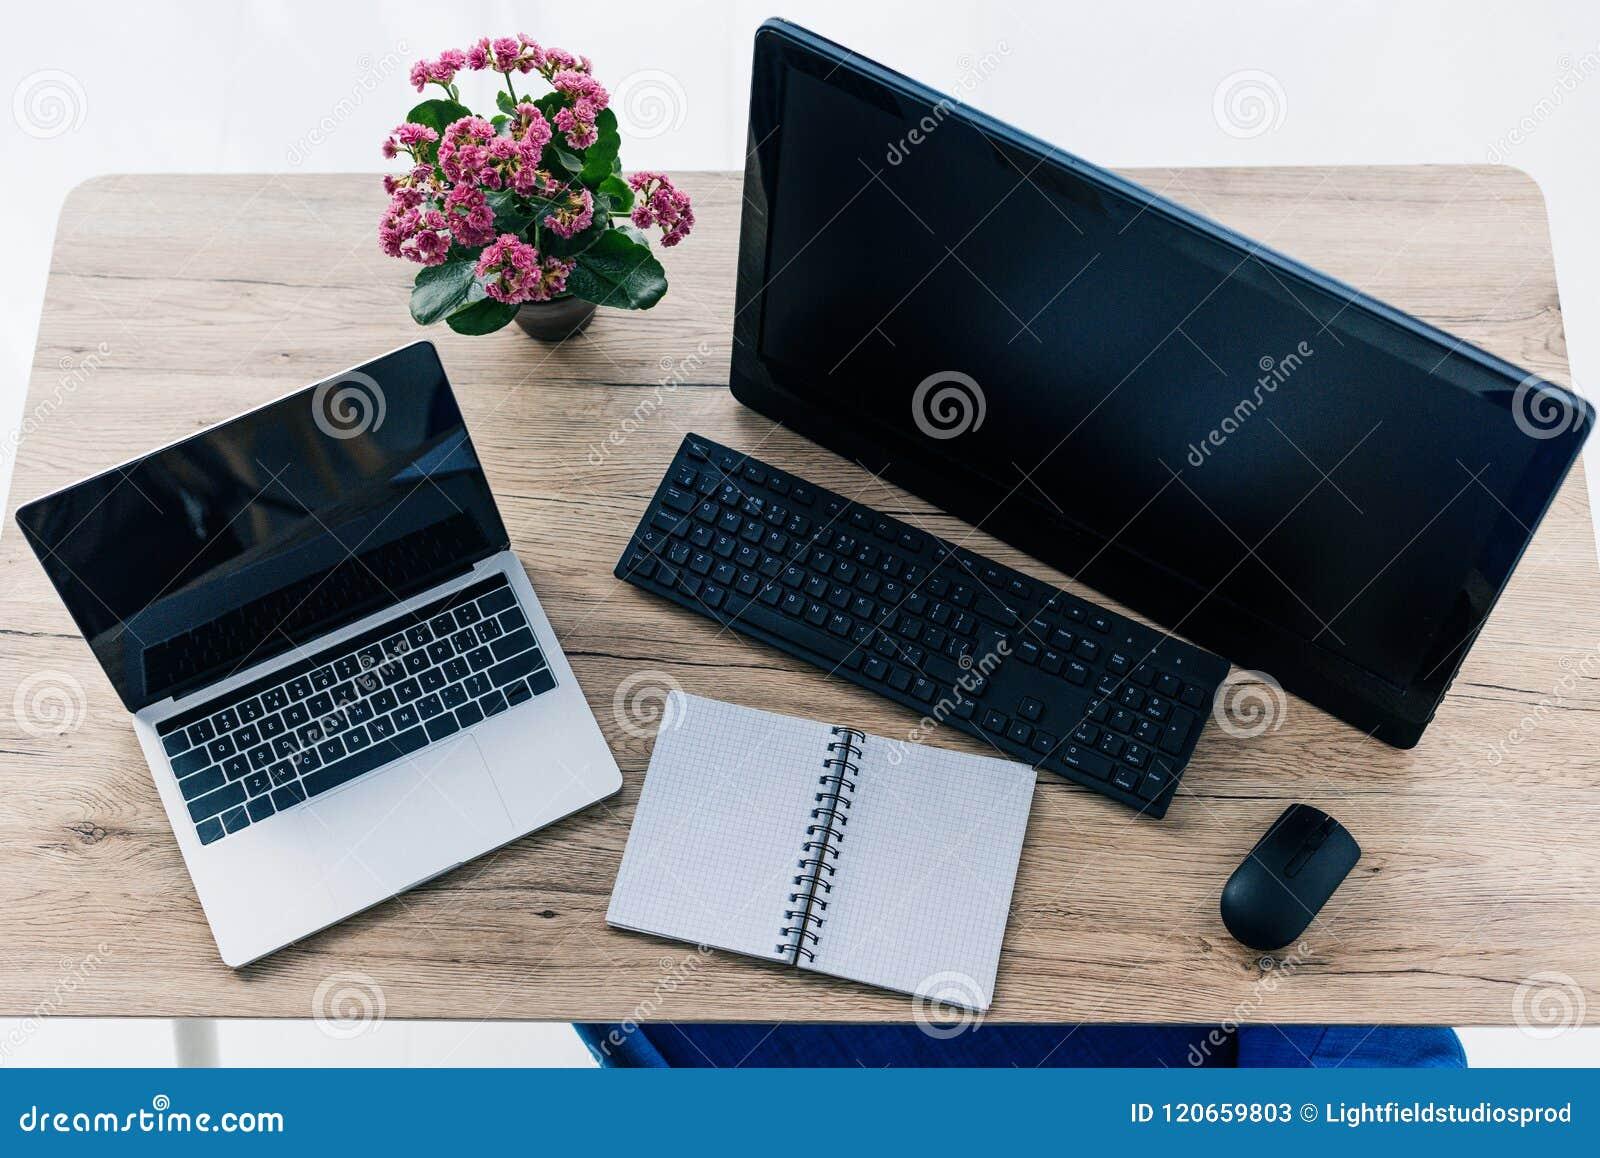 ανυψωμένη άποψη του πίνακα με τα λουλούδια, το κενό εγχειρίδιο, το lap-top και τον υπολογιστή